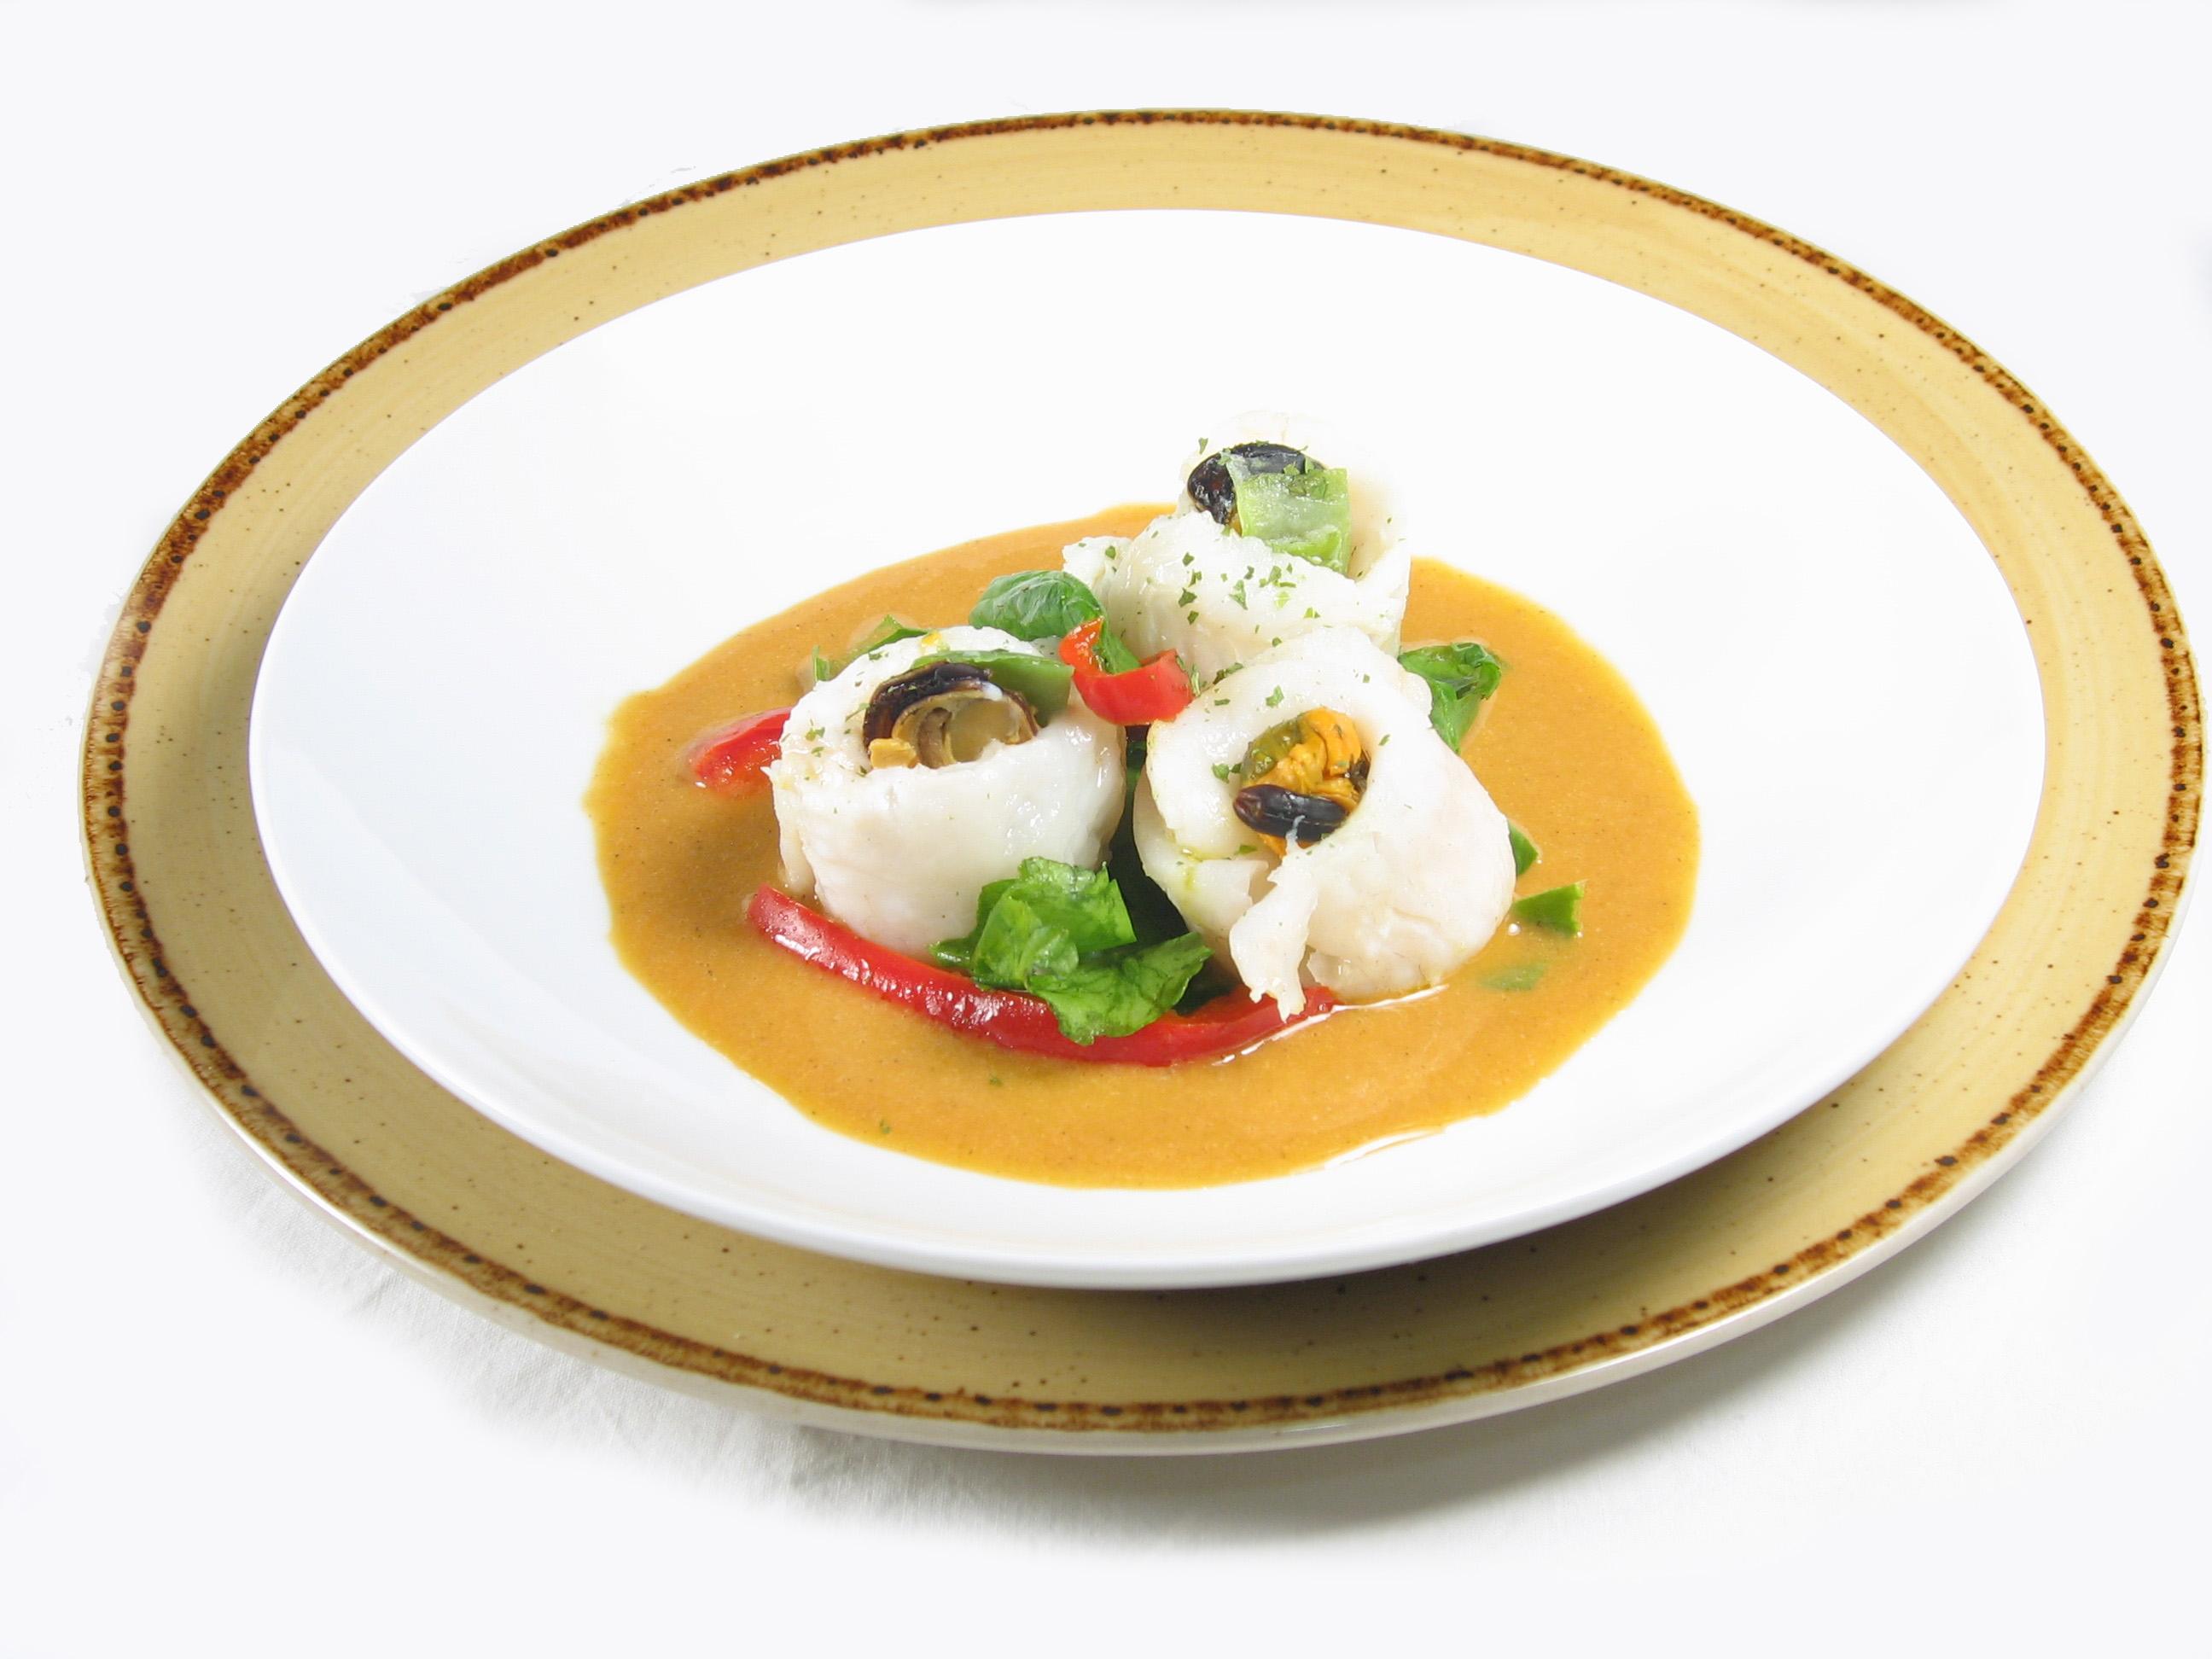 Filetes de merluza EROSKI con salsa de mejillones